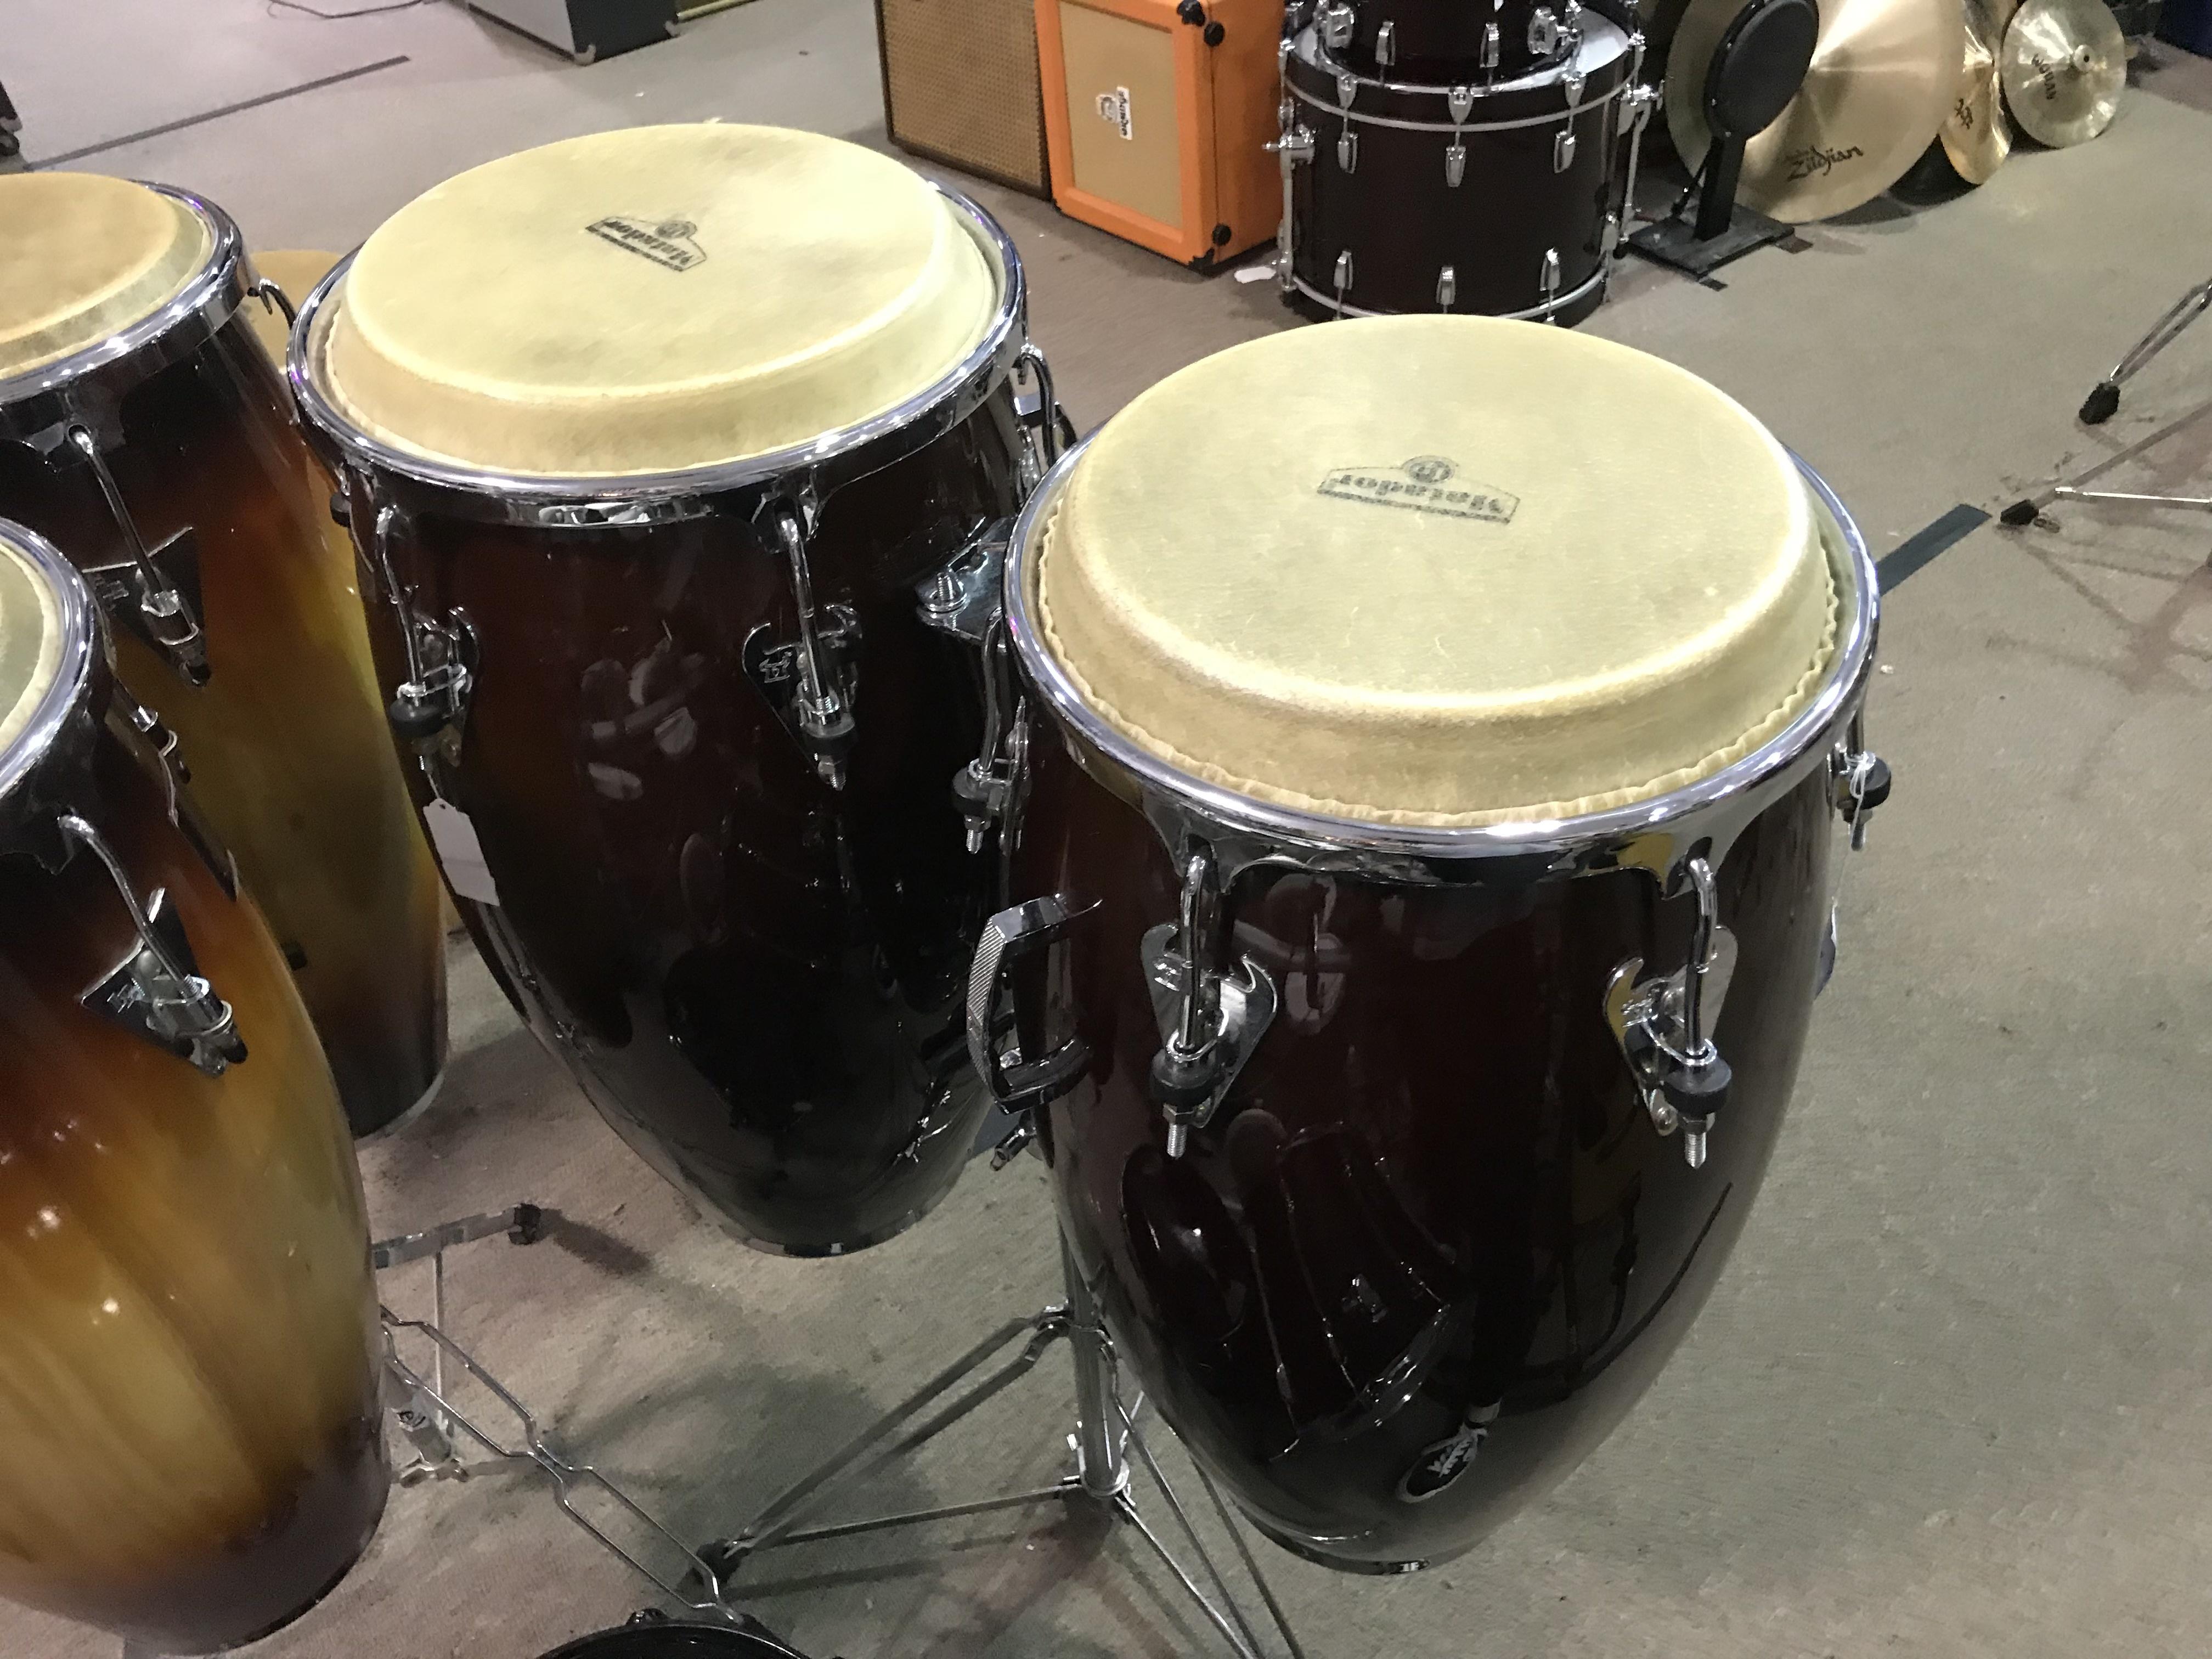 MATADOR Conga Drums Pair with Stand